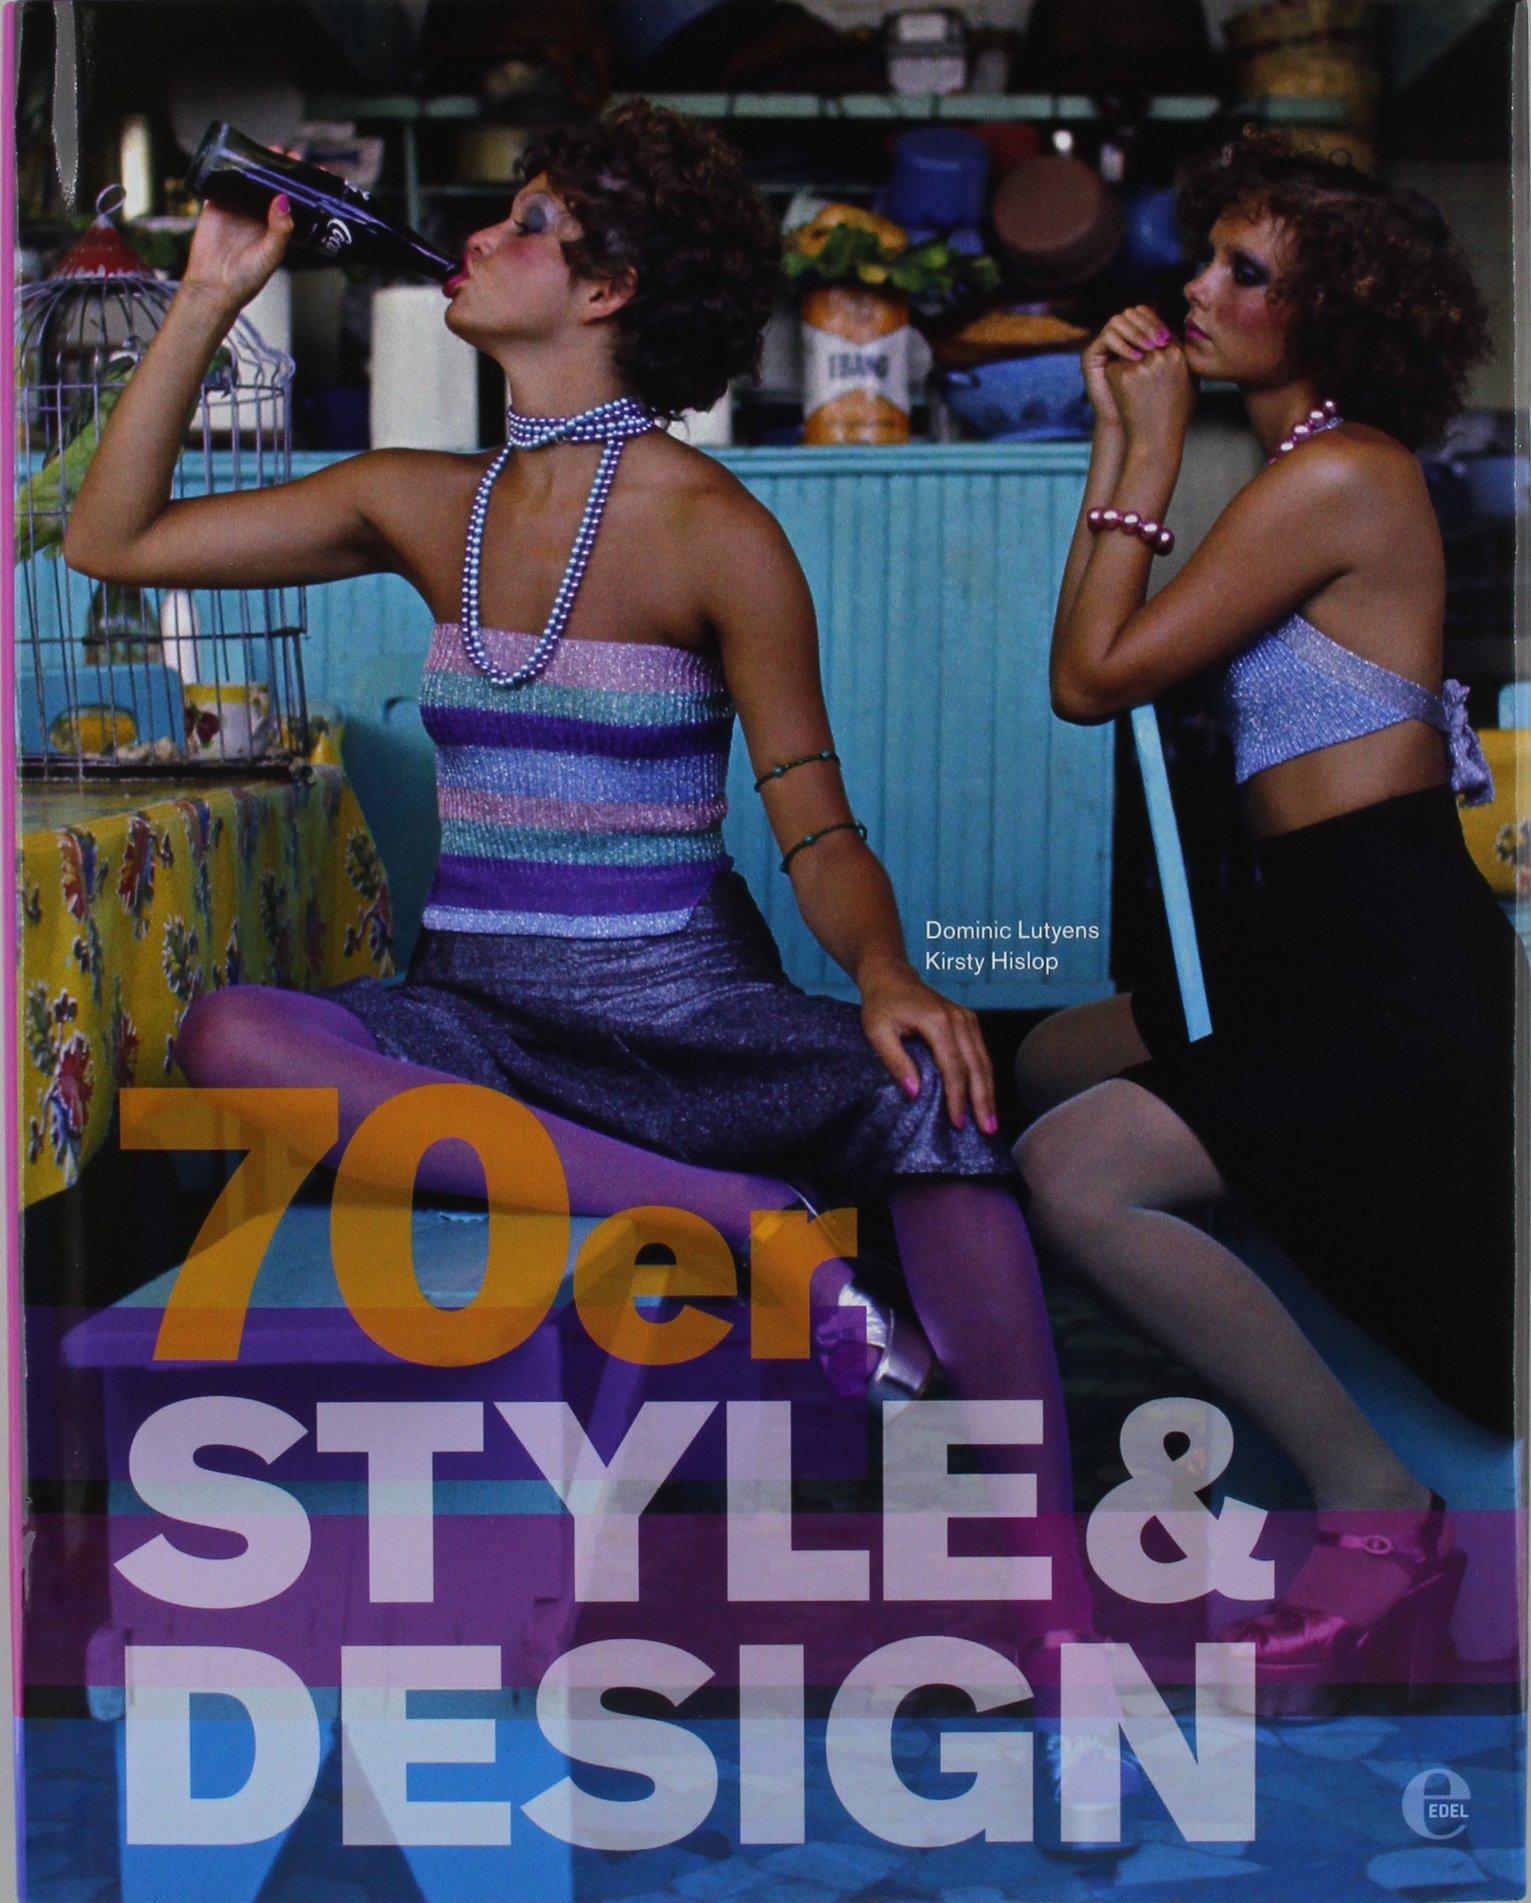 70er Style & Design: Mode, Musik, Architektur, Kunst und Design